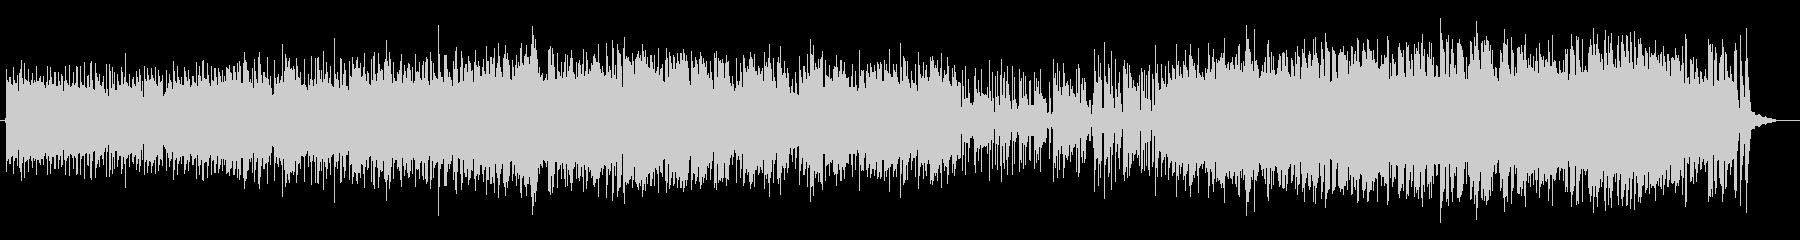 軽くて聴きやすいノリの良いジャズの未再生の波形